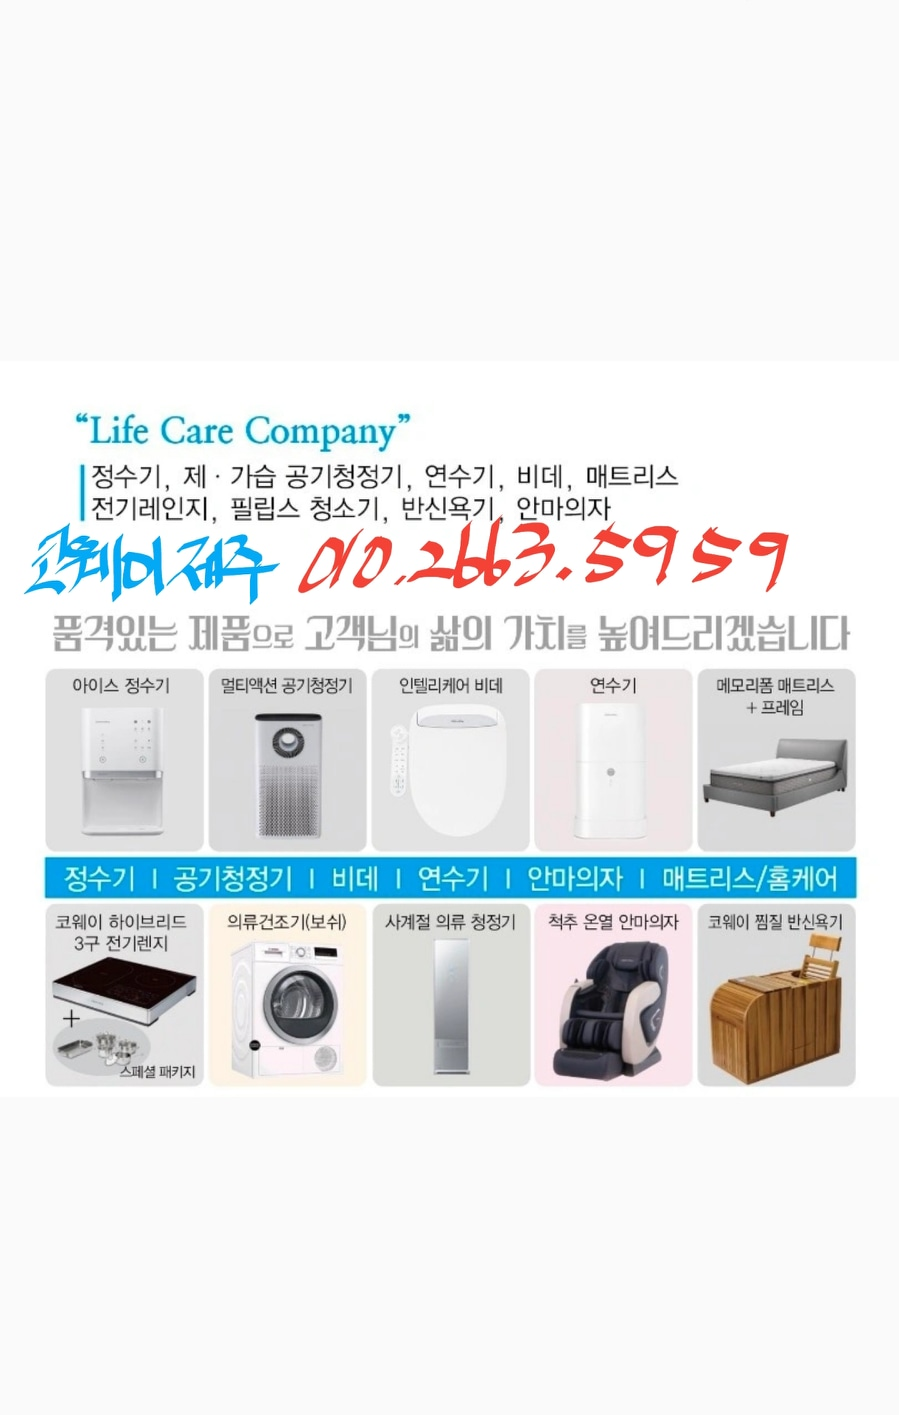 수면환경관리사 ~@!코웨이 침대. 매트리스 . 정수기. 비데. 청정기. 안마의자. 의류청정기 렌탈 &구매가능합니다.